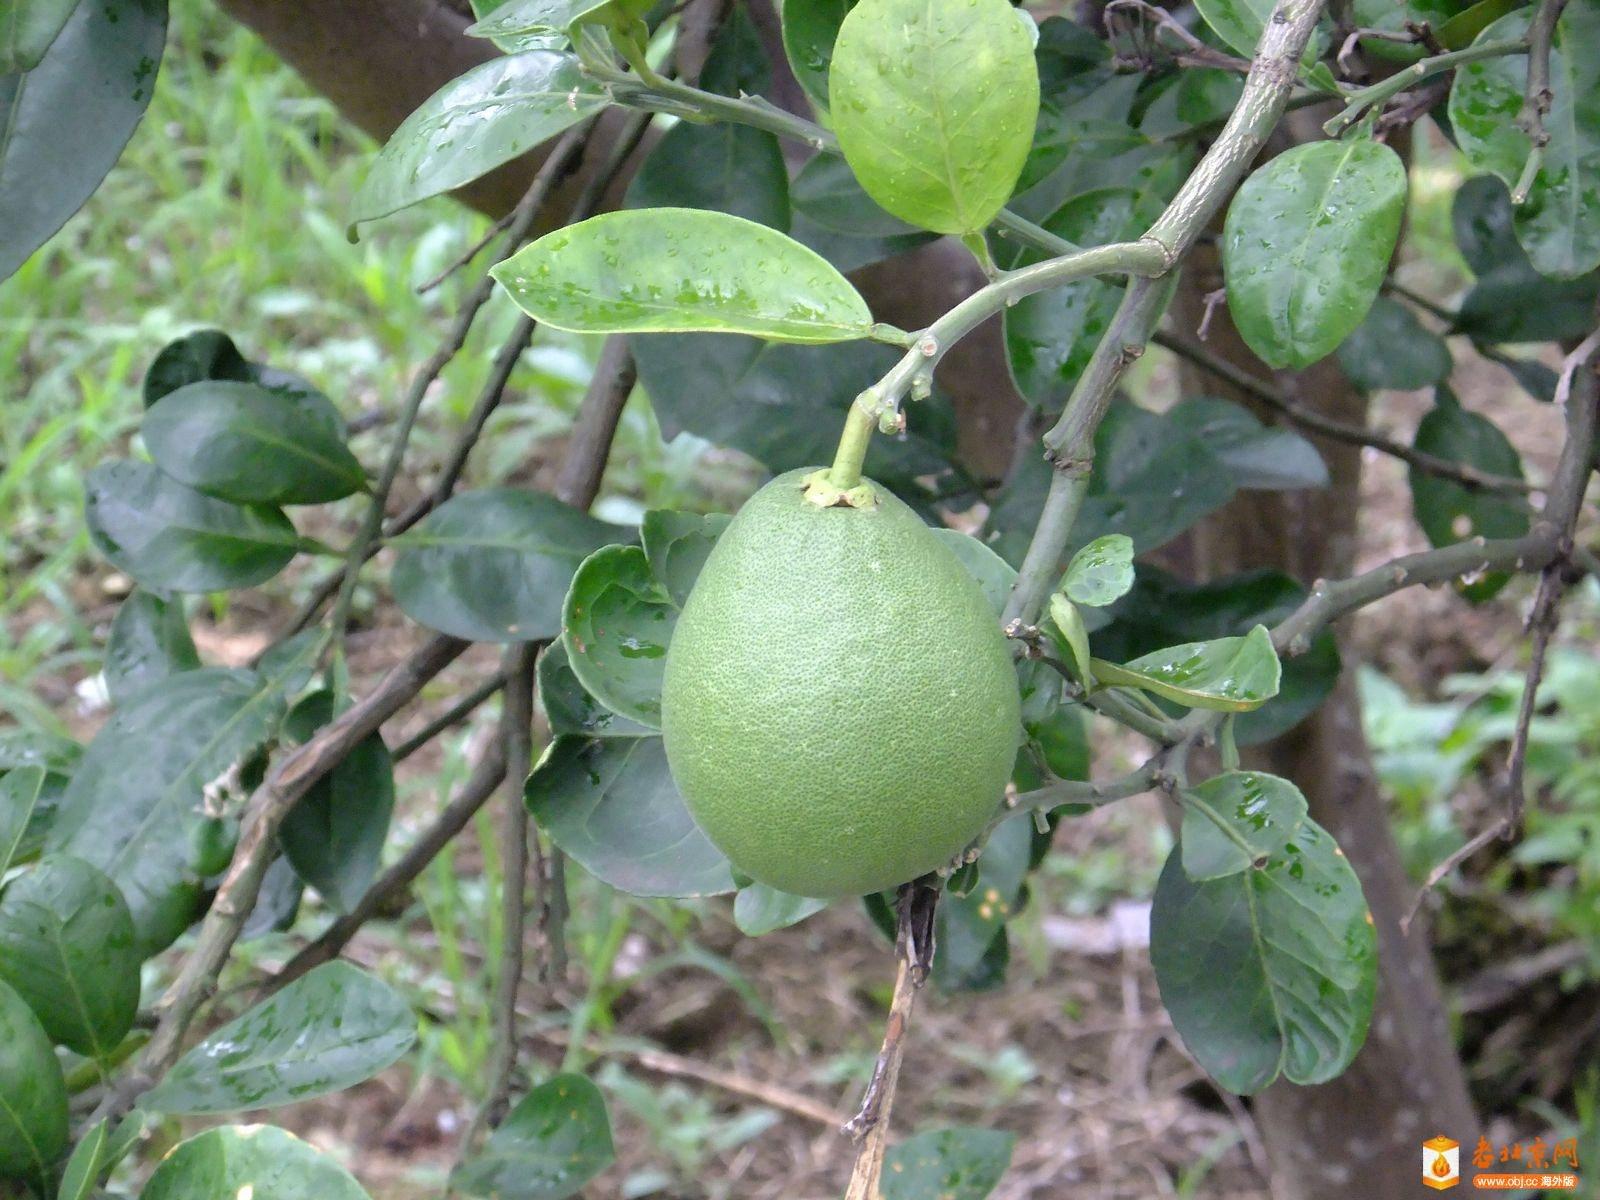 柚子做水果动物